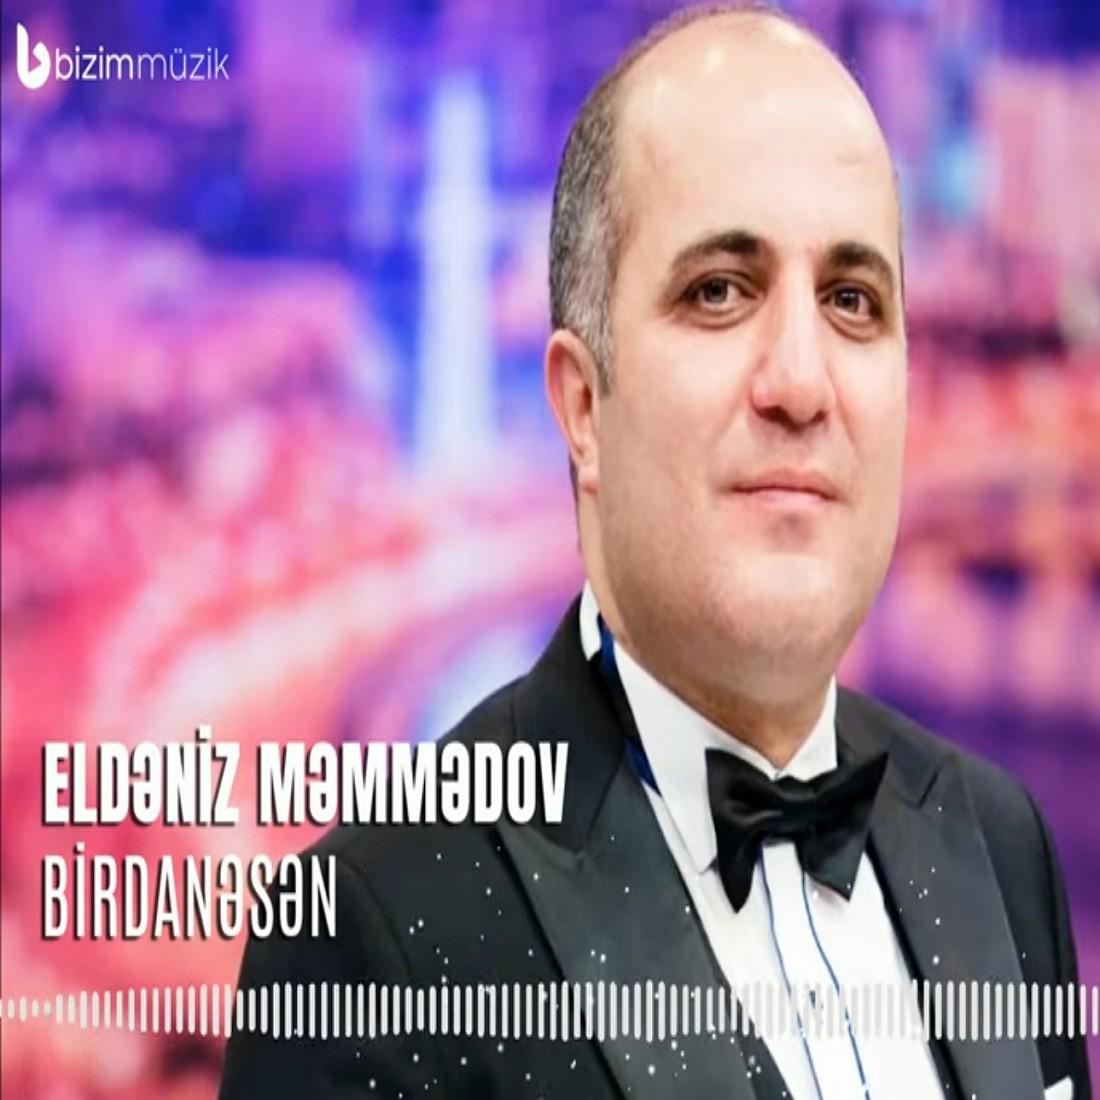 http://s9.picofile.com/file/8365829334/06Eldeniz_Memmedov_Birdanesen.jpg